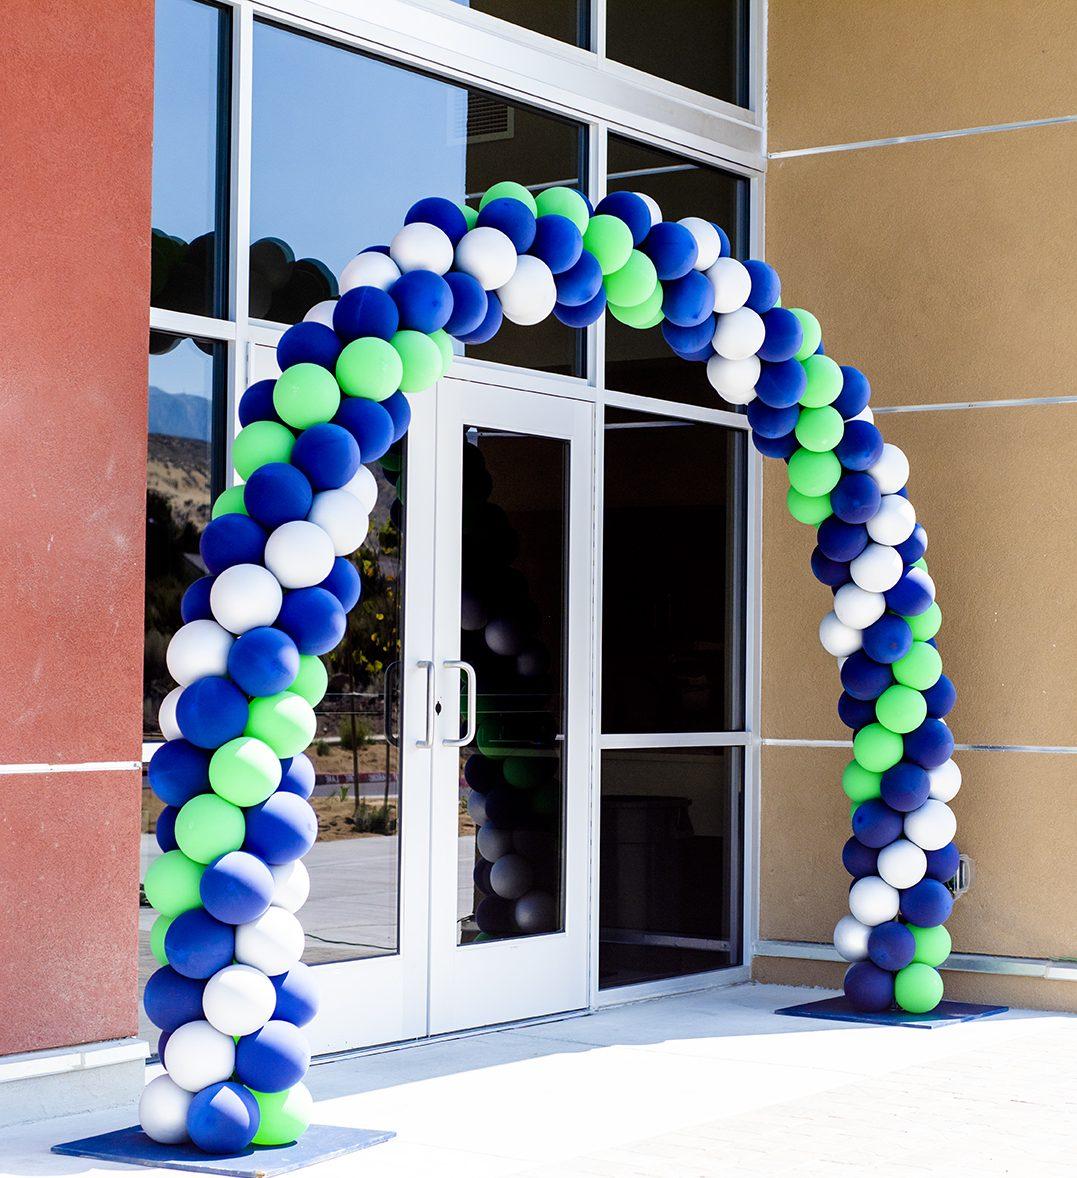 doral academy balloon arch